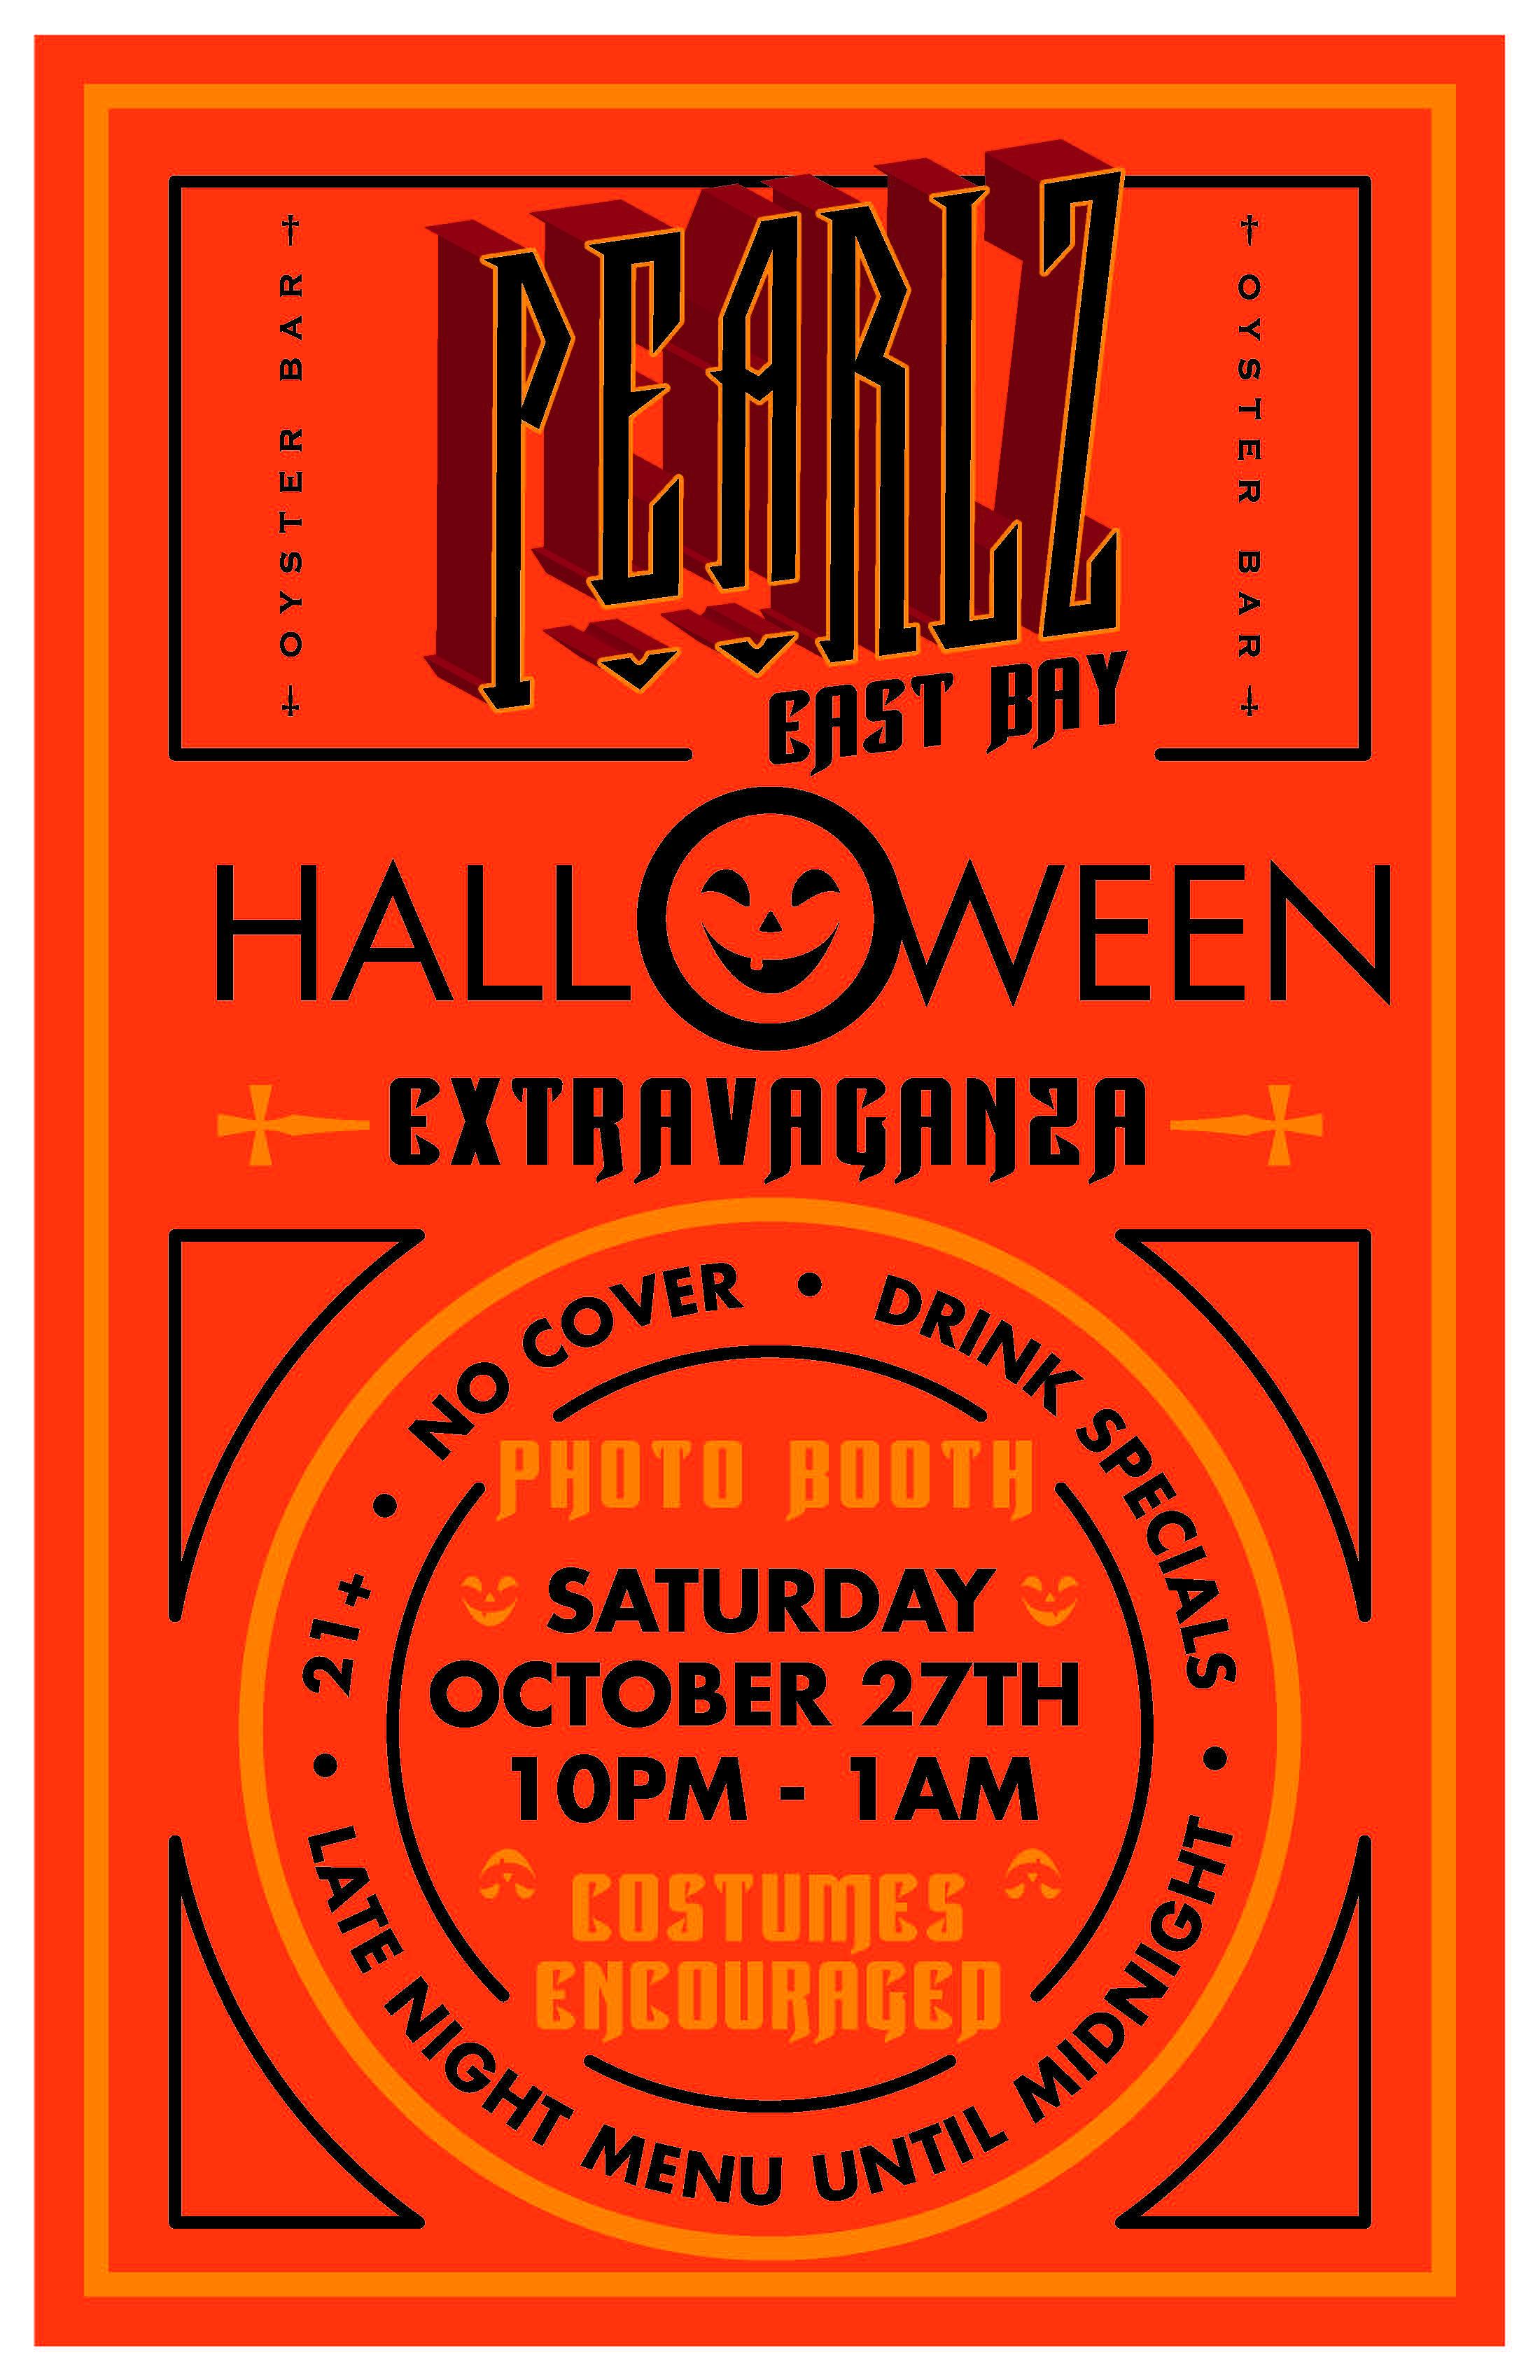 (700) Pearlz East Bay Halloween Extravaganza.pdf.jpg